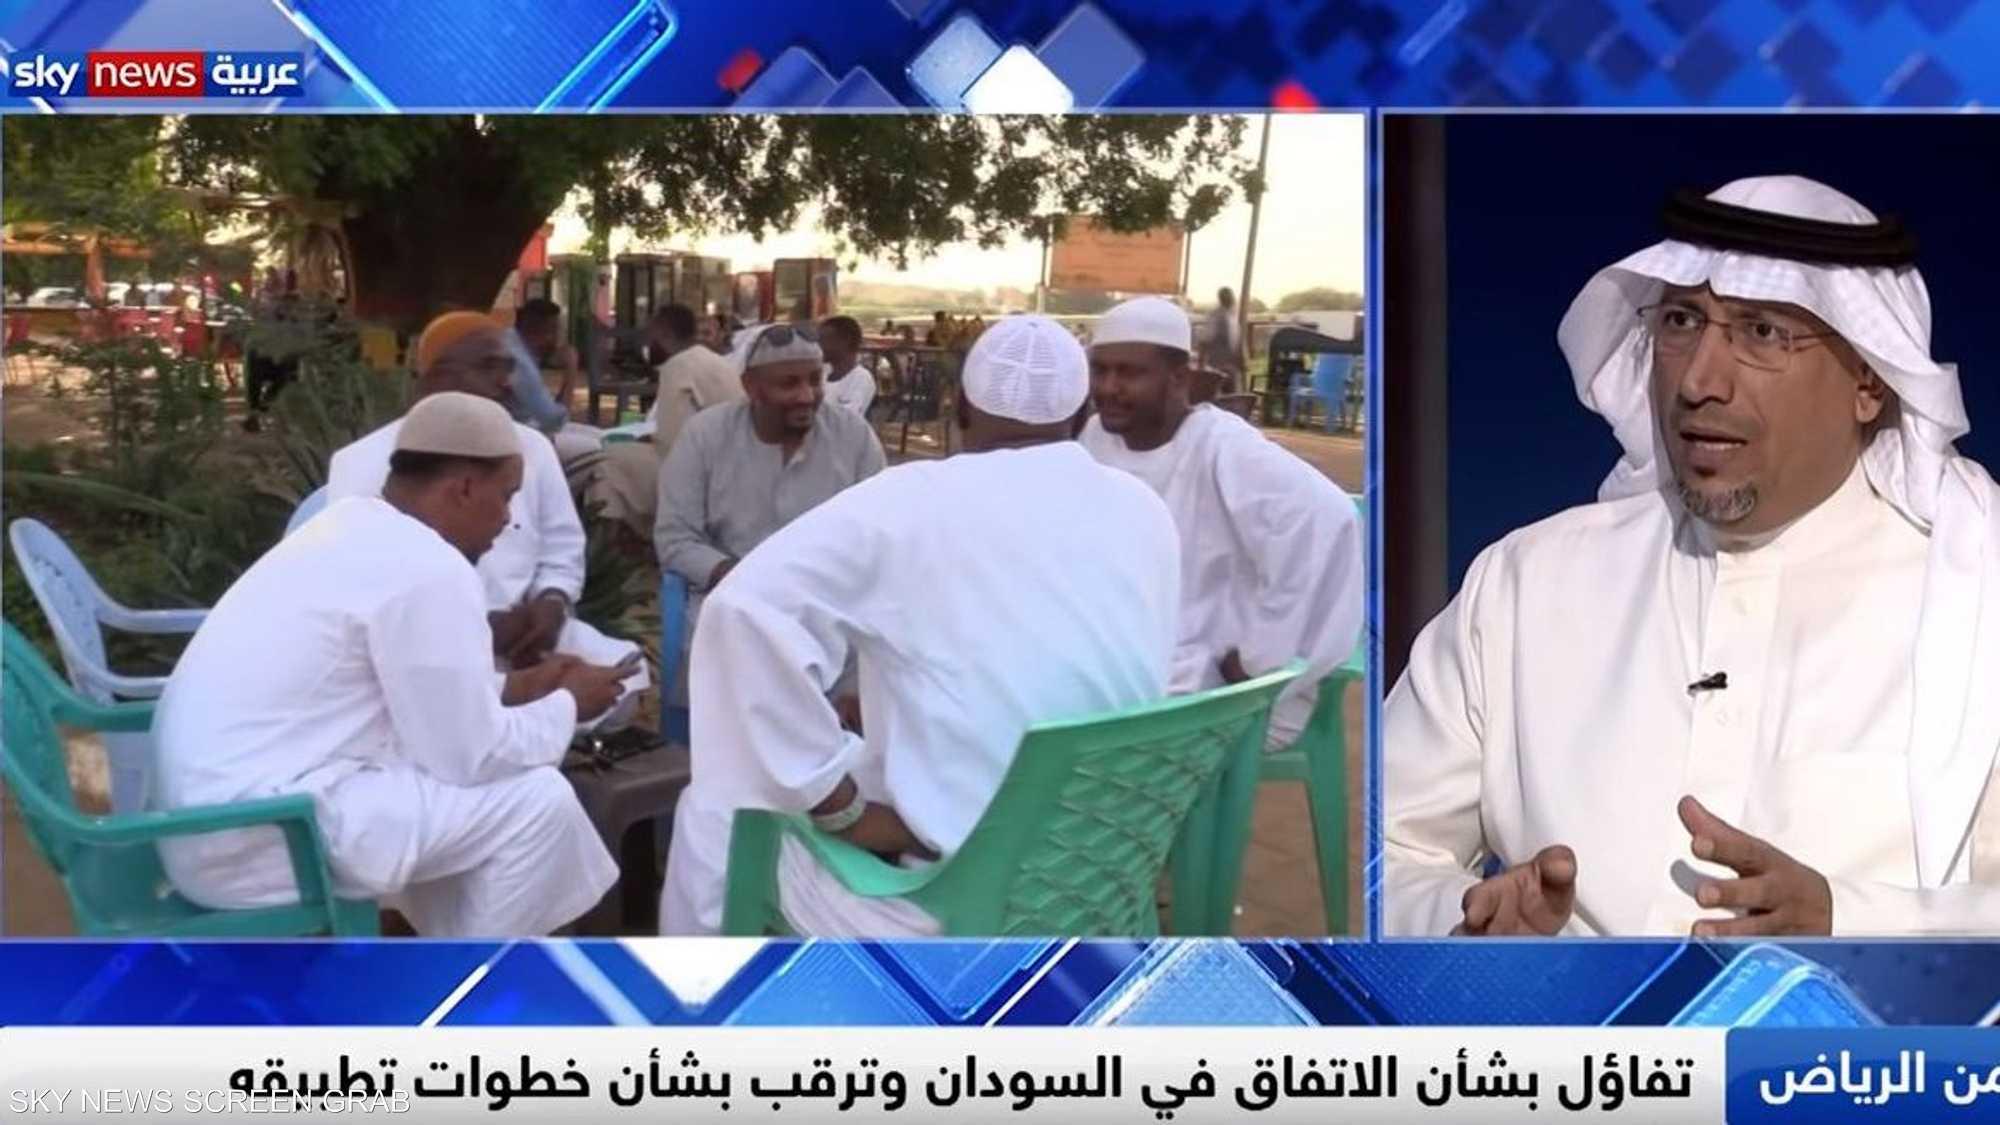 اتفاق السودان.. بداية إيجابية على طريق المستقبل